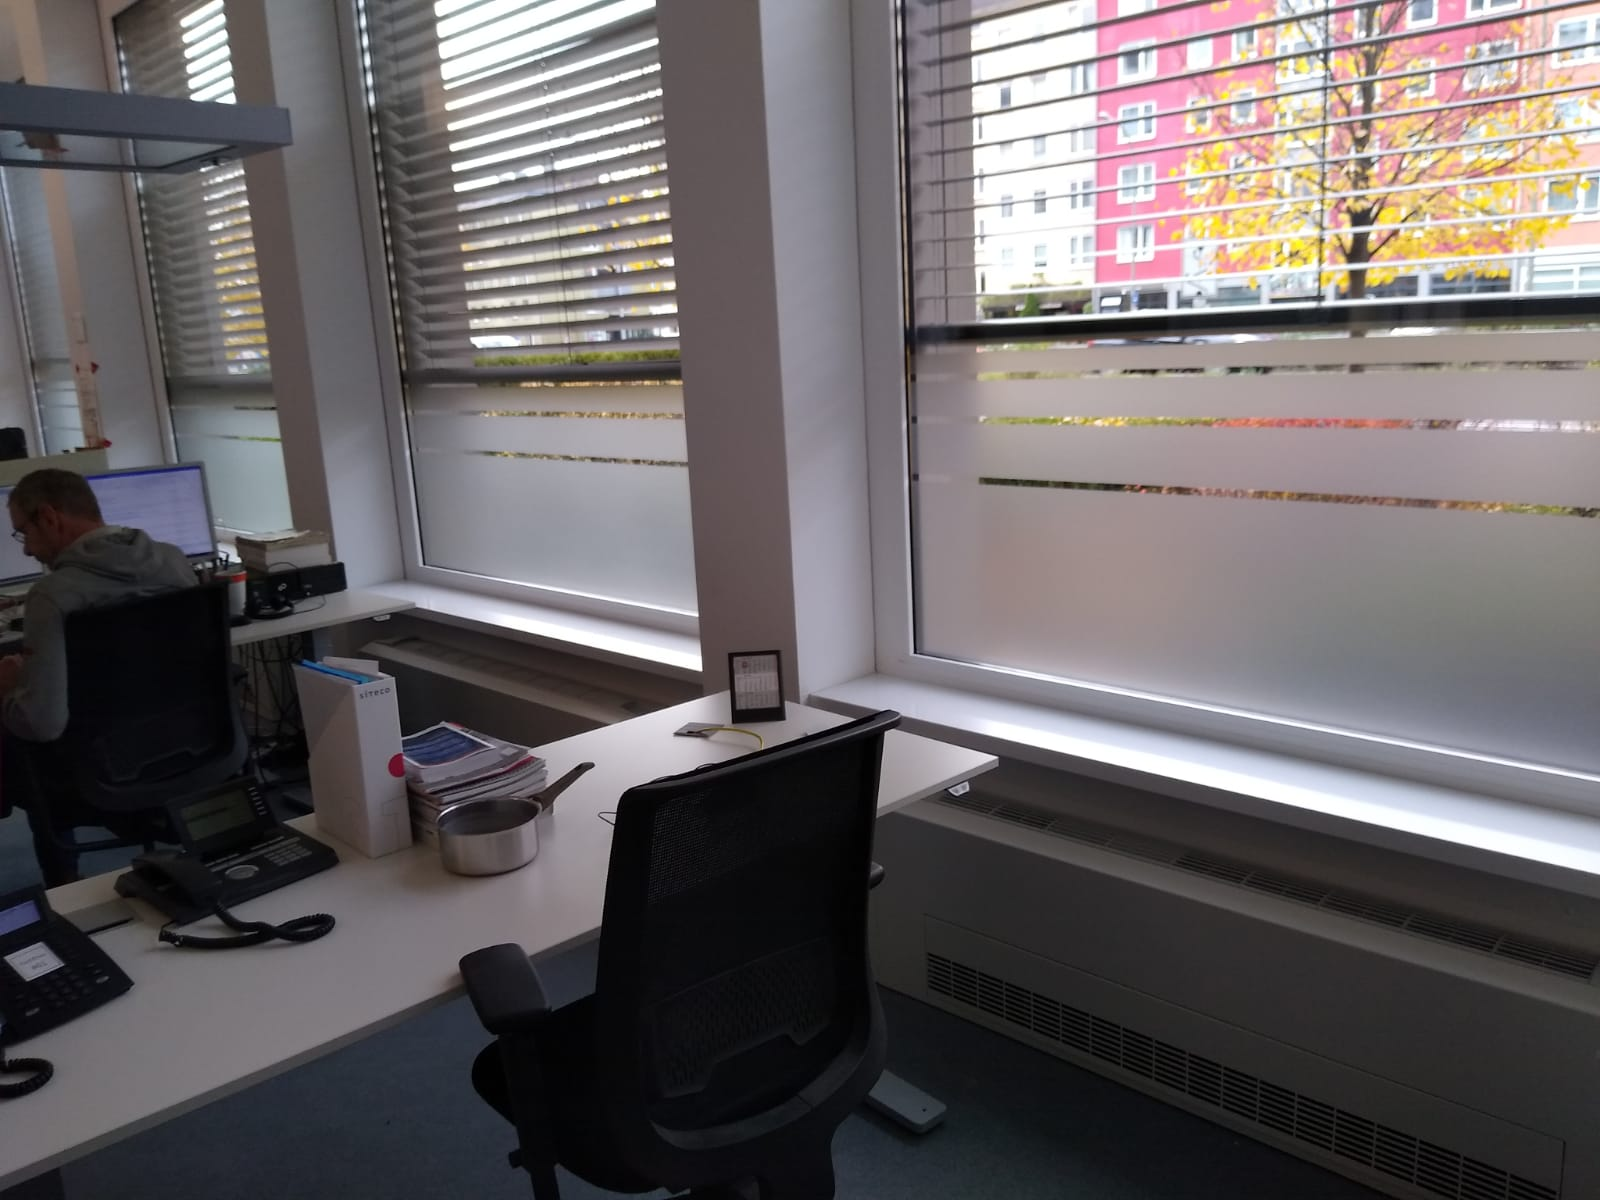 Sichtschutzfolie am Fenster